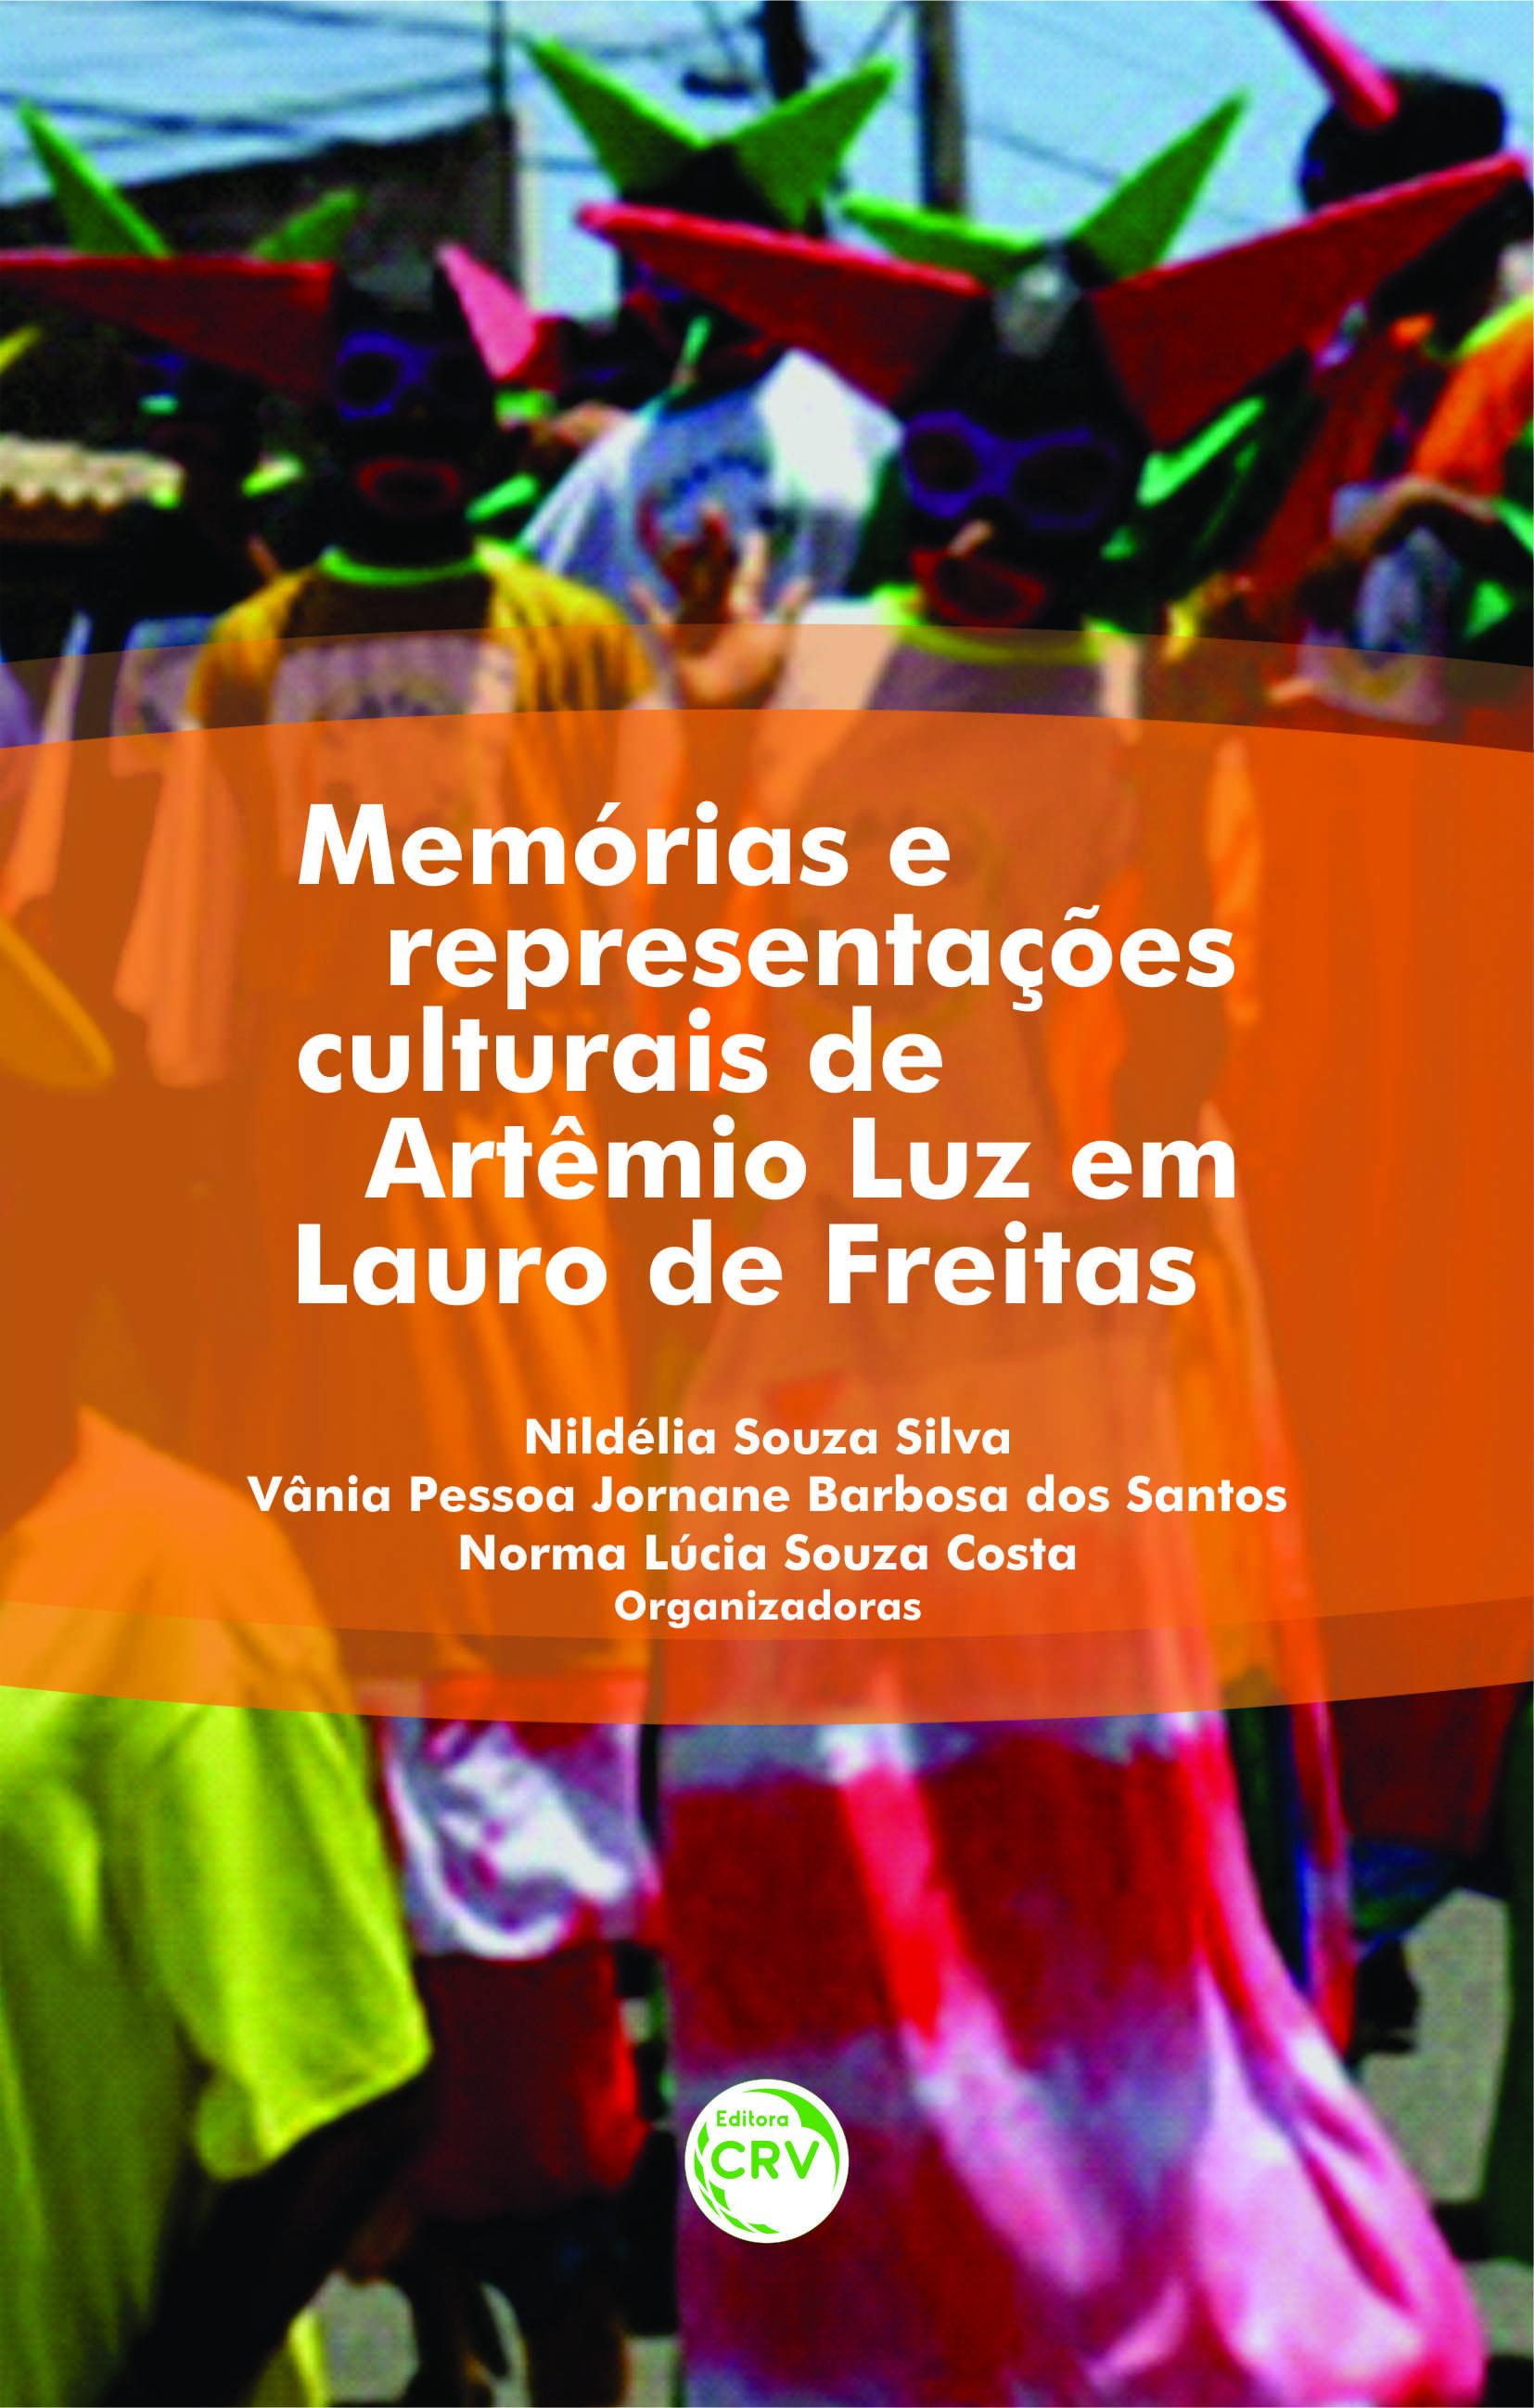 Capa do livro: MEMÓRIAS E REPRESENTAÇÕES CULTURAIS DE ARTÊMIO LUZ EM LAURO DE FREITAS